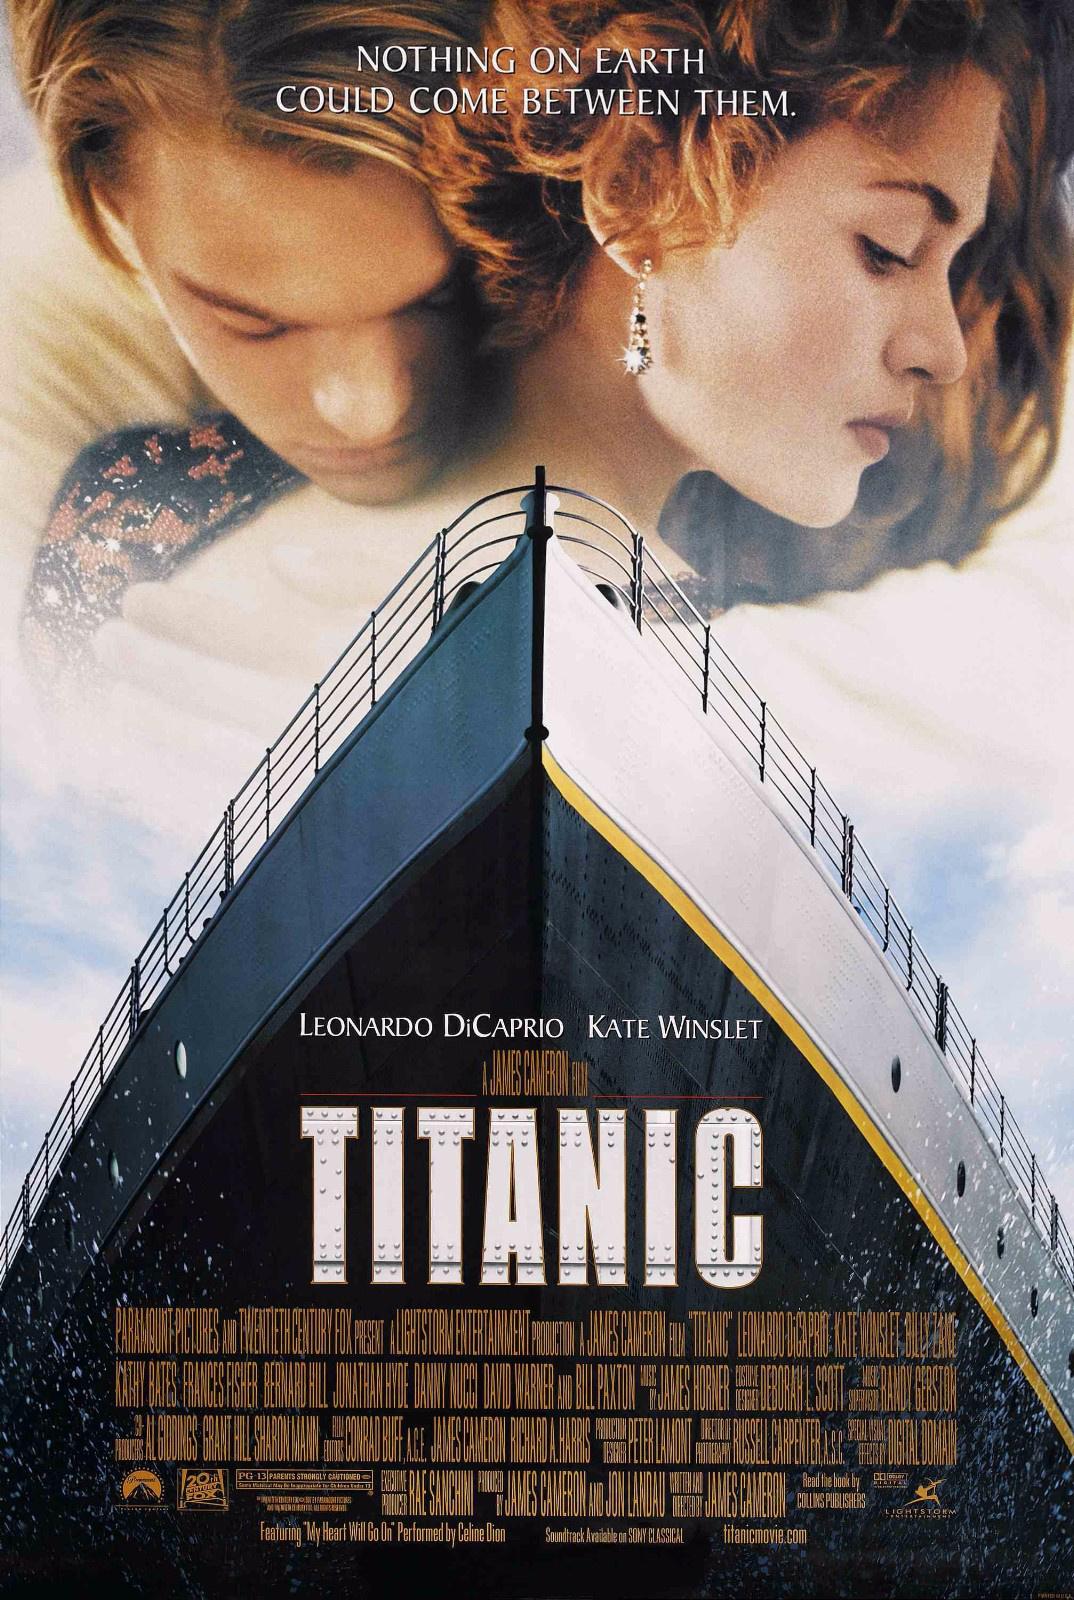 《泰坦尼克号》国内有望重映 具体日期尚未确定